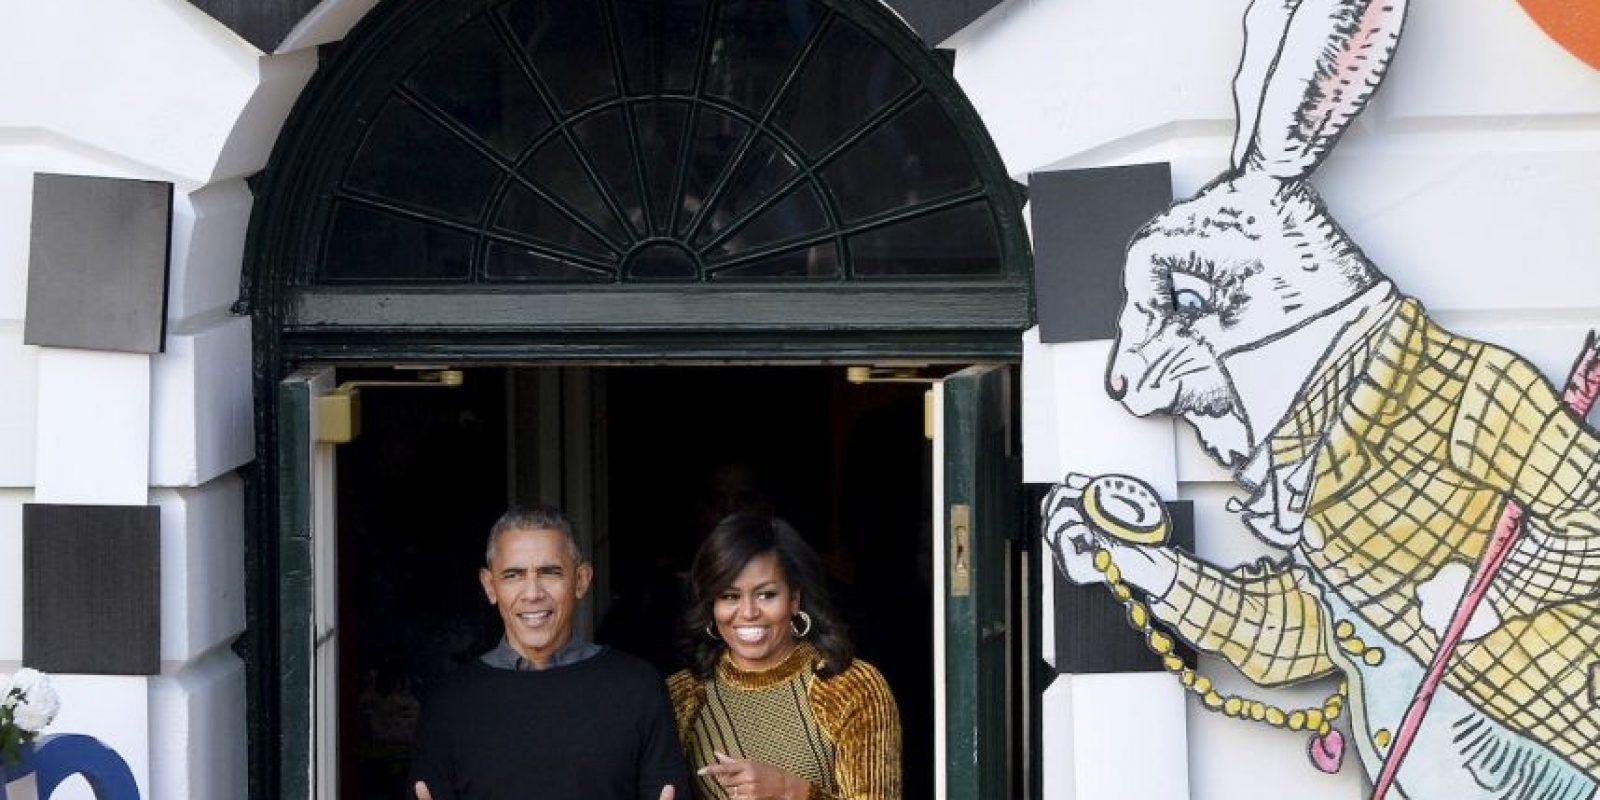 La pareja presidencial regaló dulces a los niños